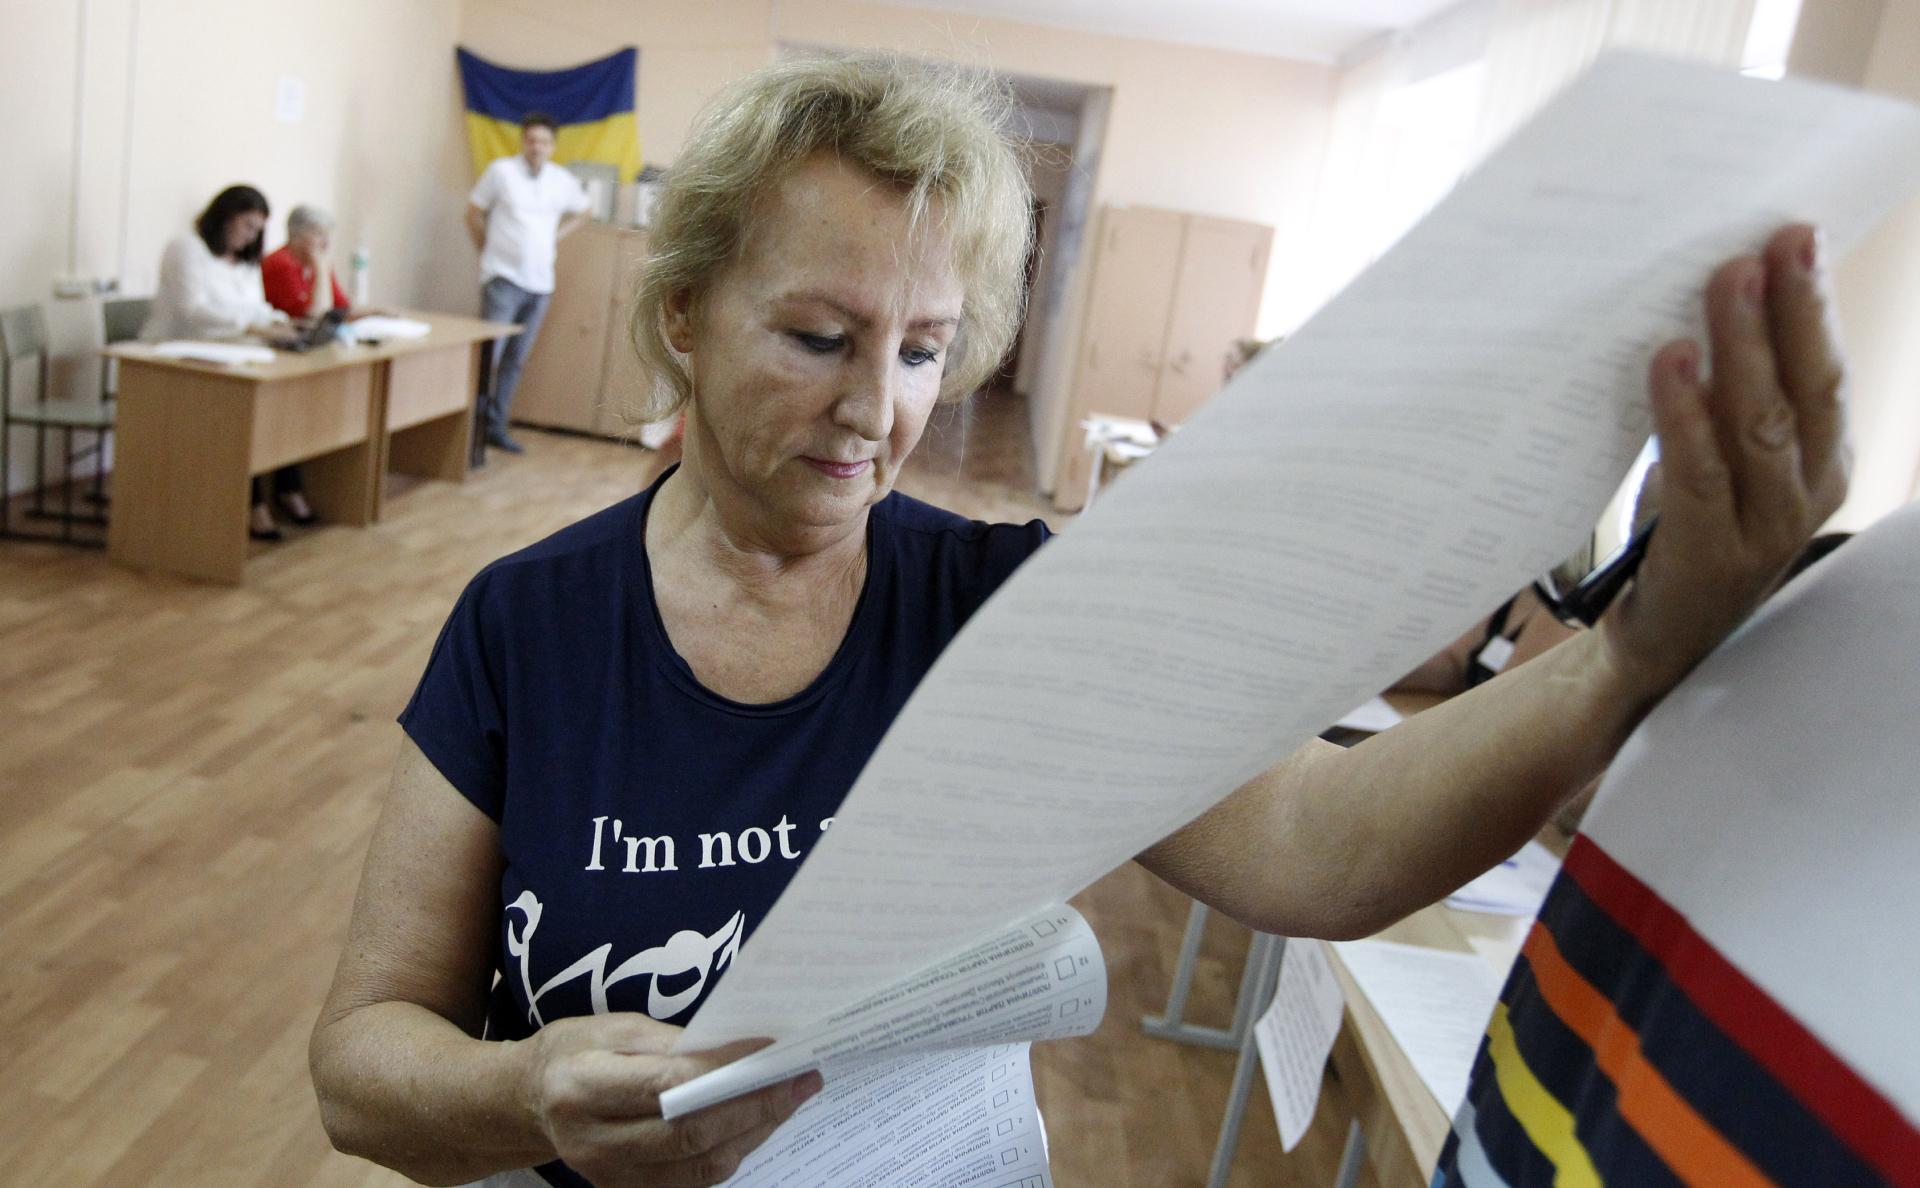 Фото: Serg Glovny / ZUMA Wire / ТАСС